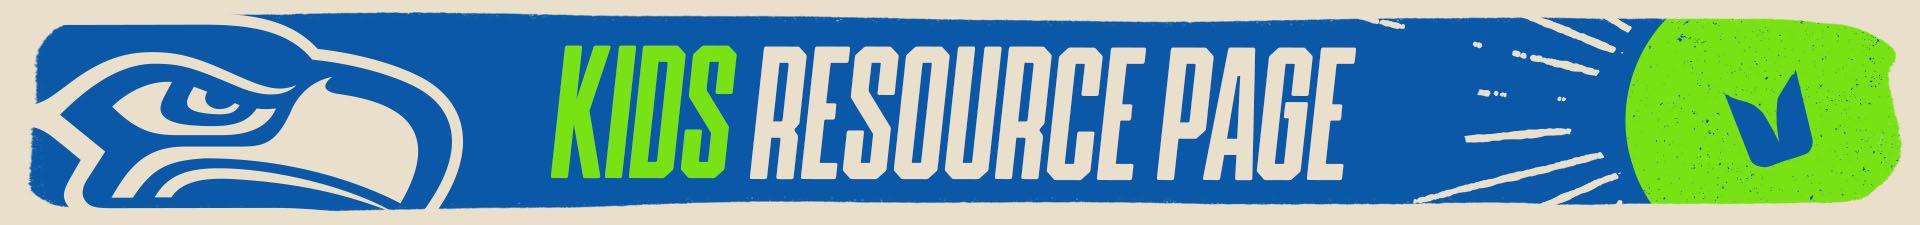 200930-kids-resource-page-header-1920x225